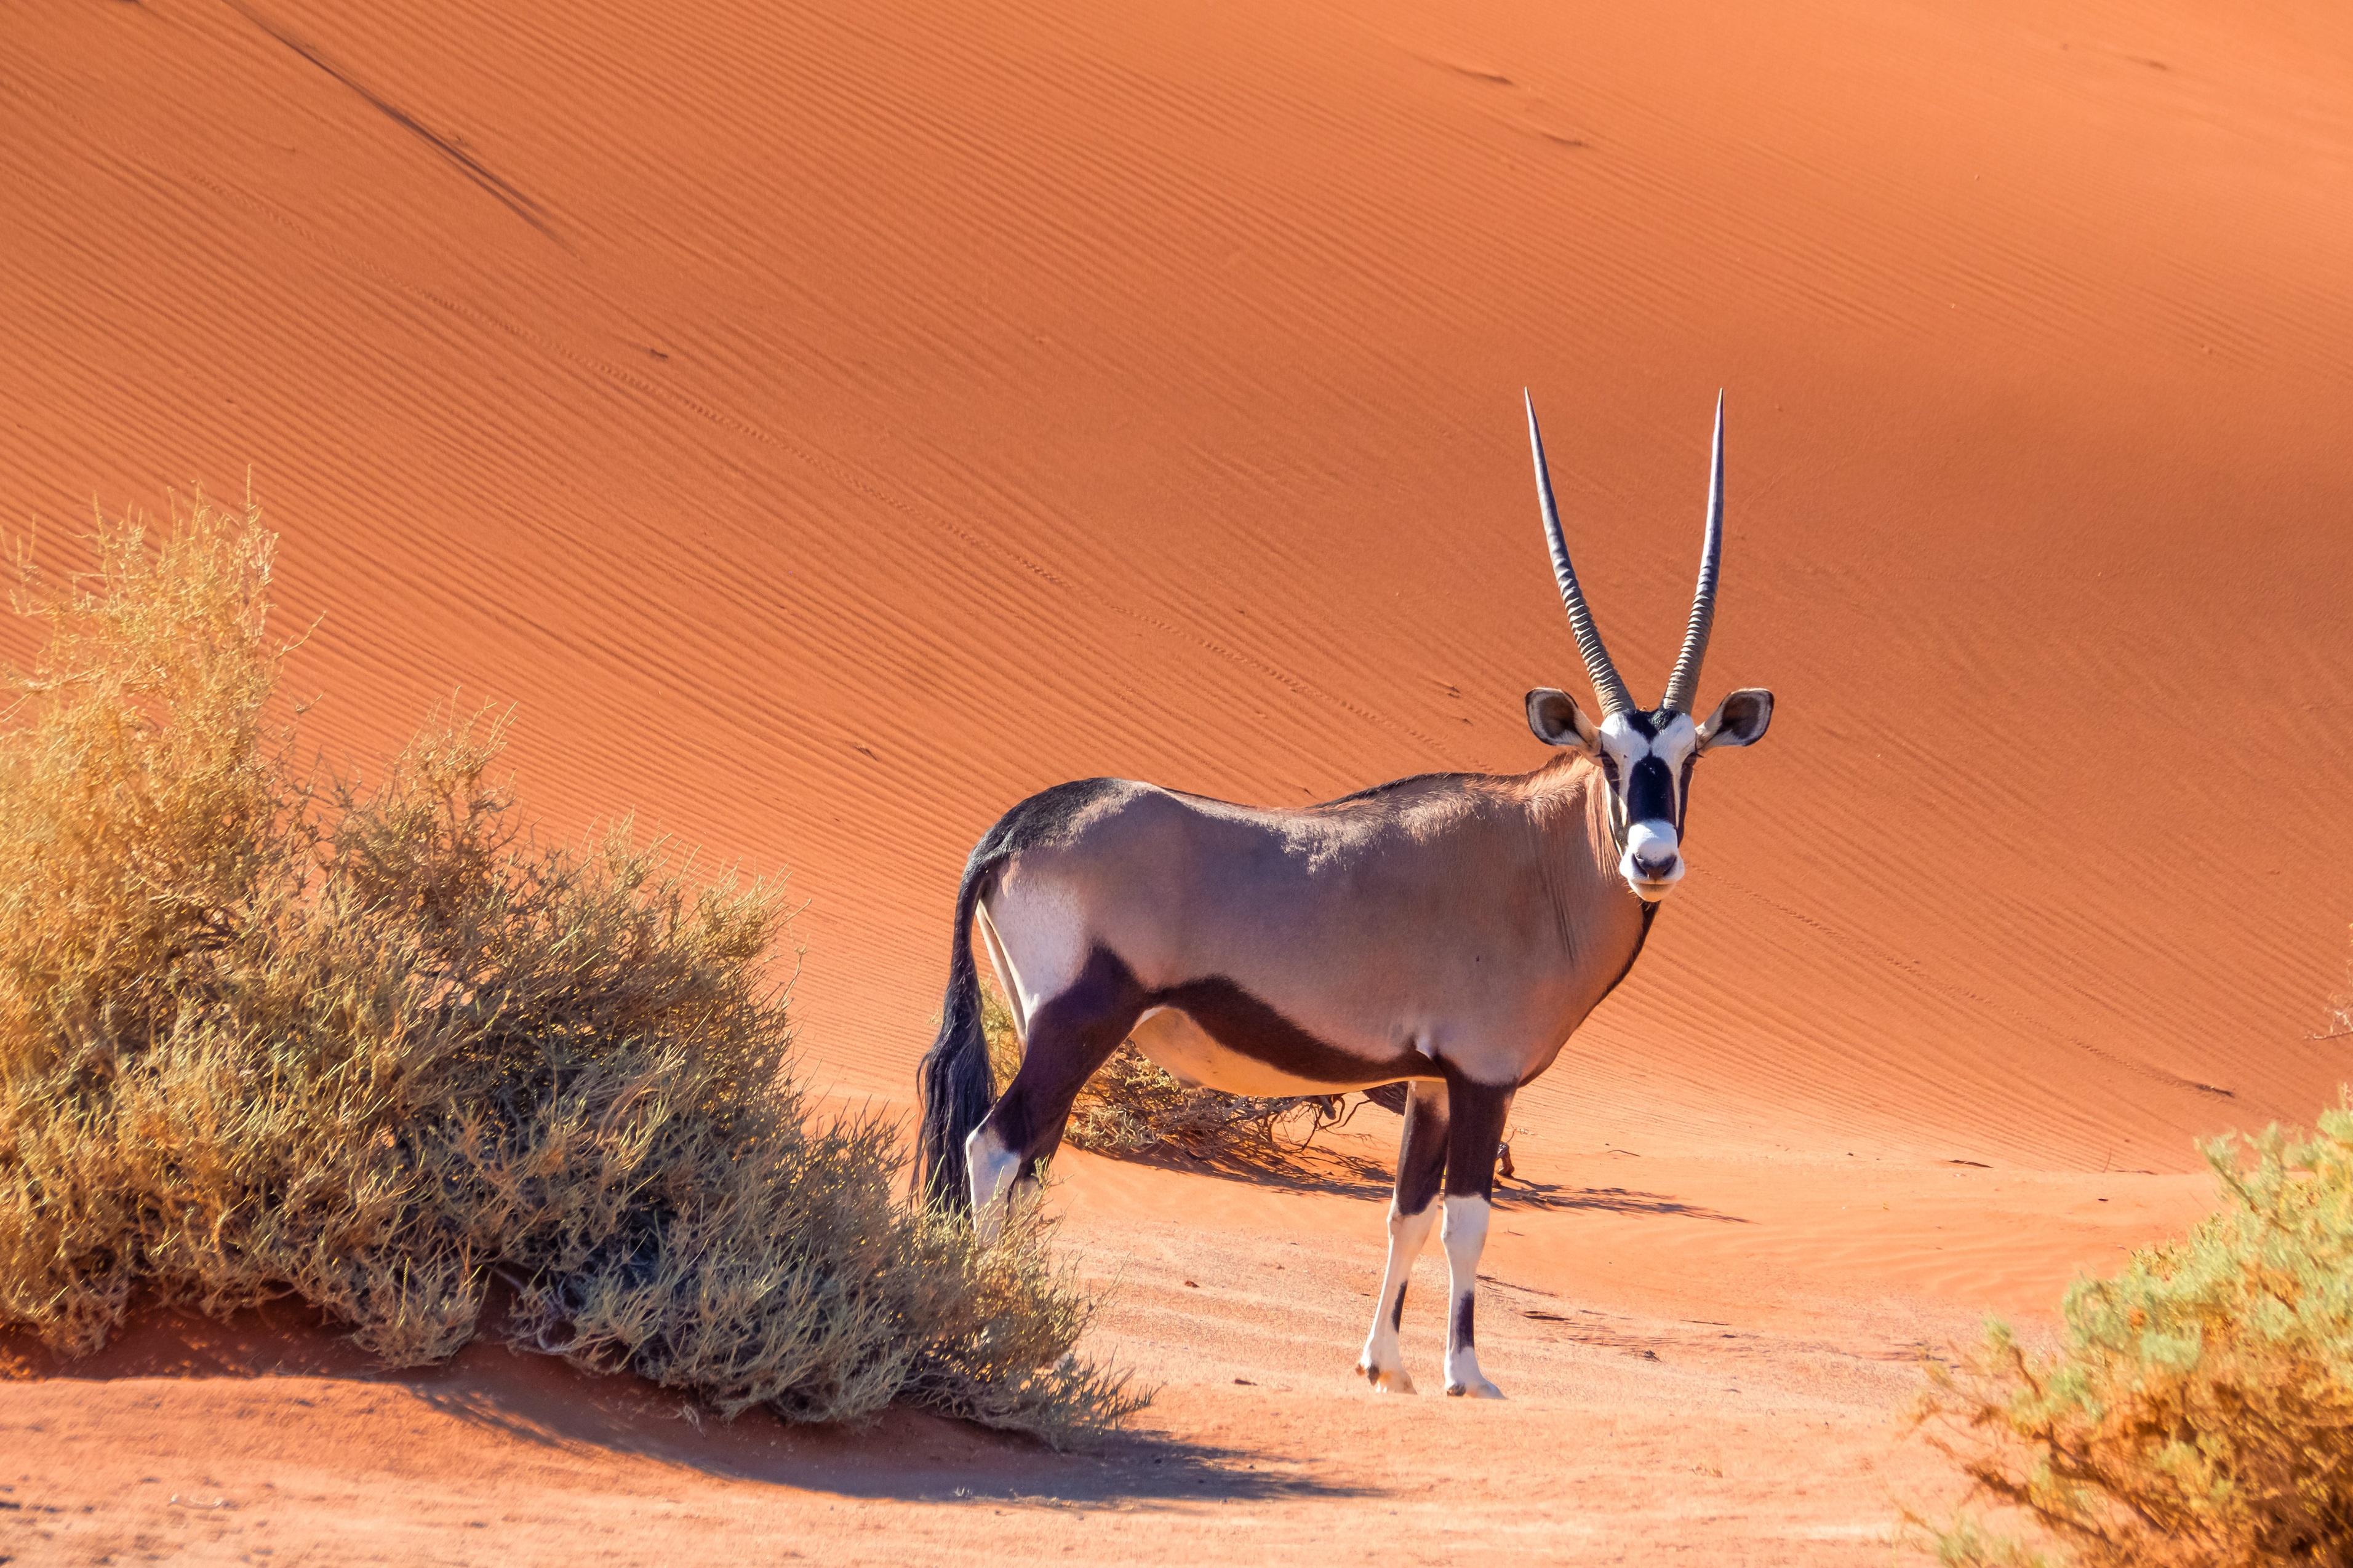 Namibia - den tham thung lung chet, thanh pho ma va dieu khong tuong hinh anh 42